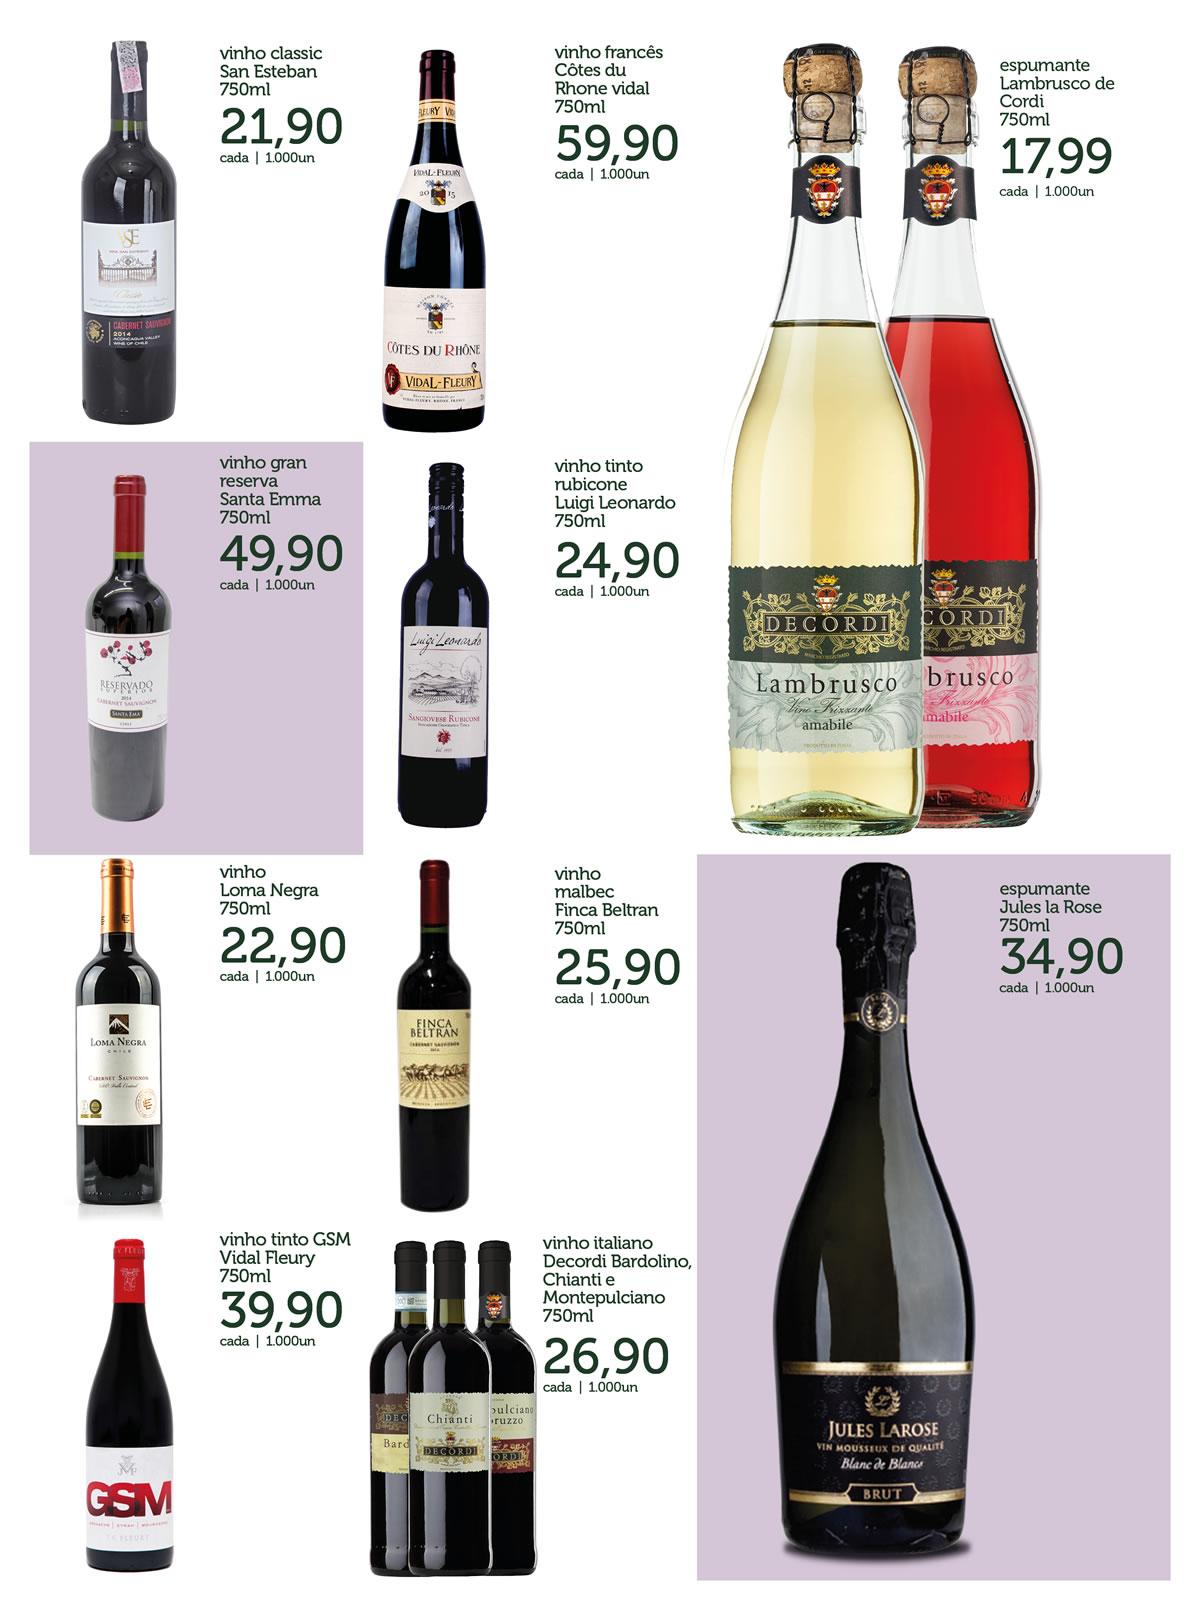 caita_supermercados_tabloide_abril_concordia_11